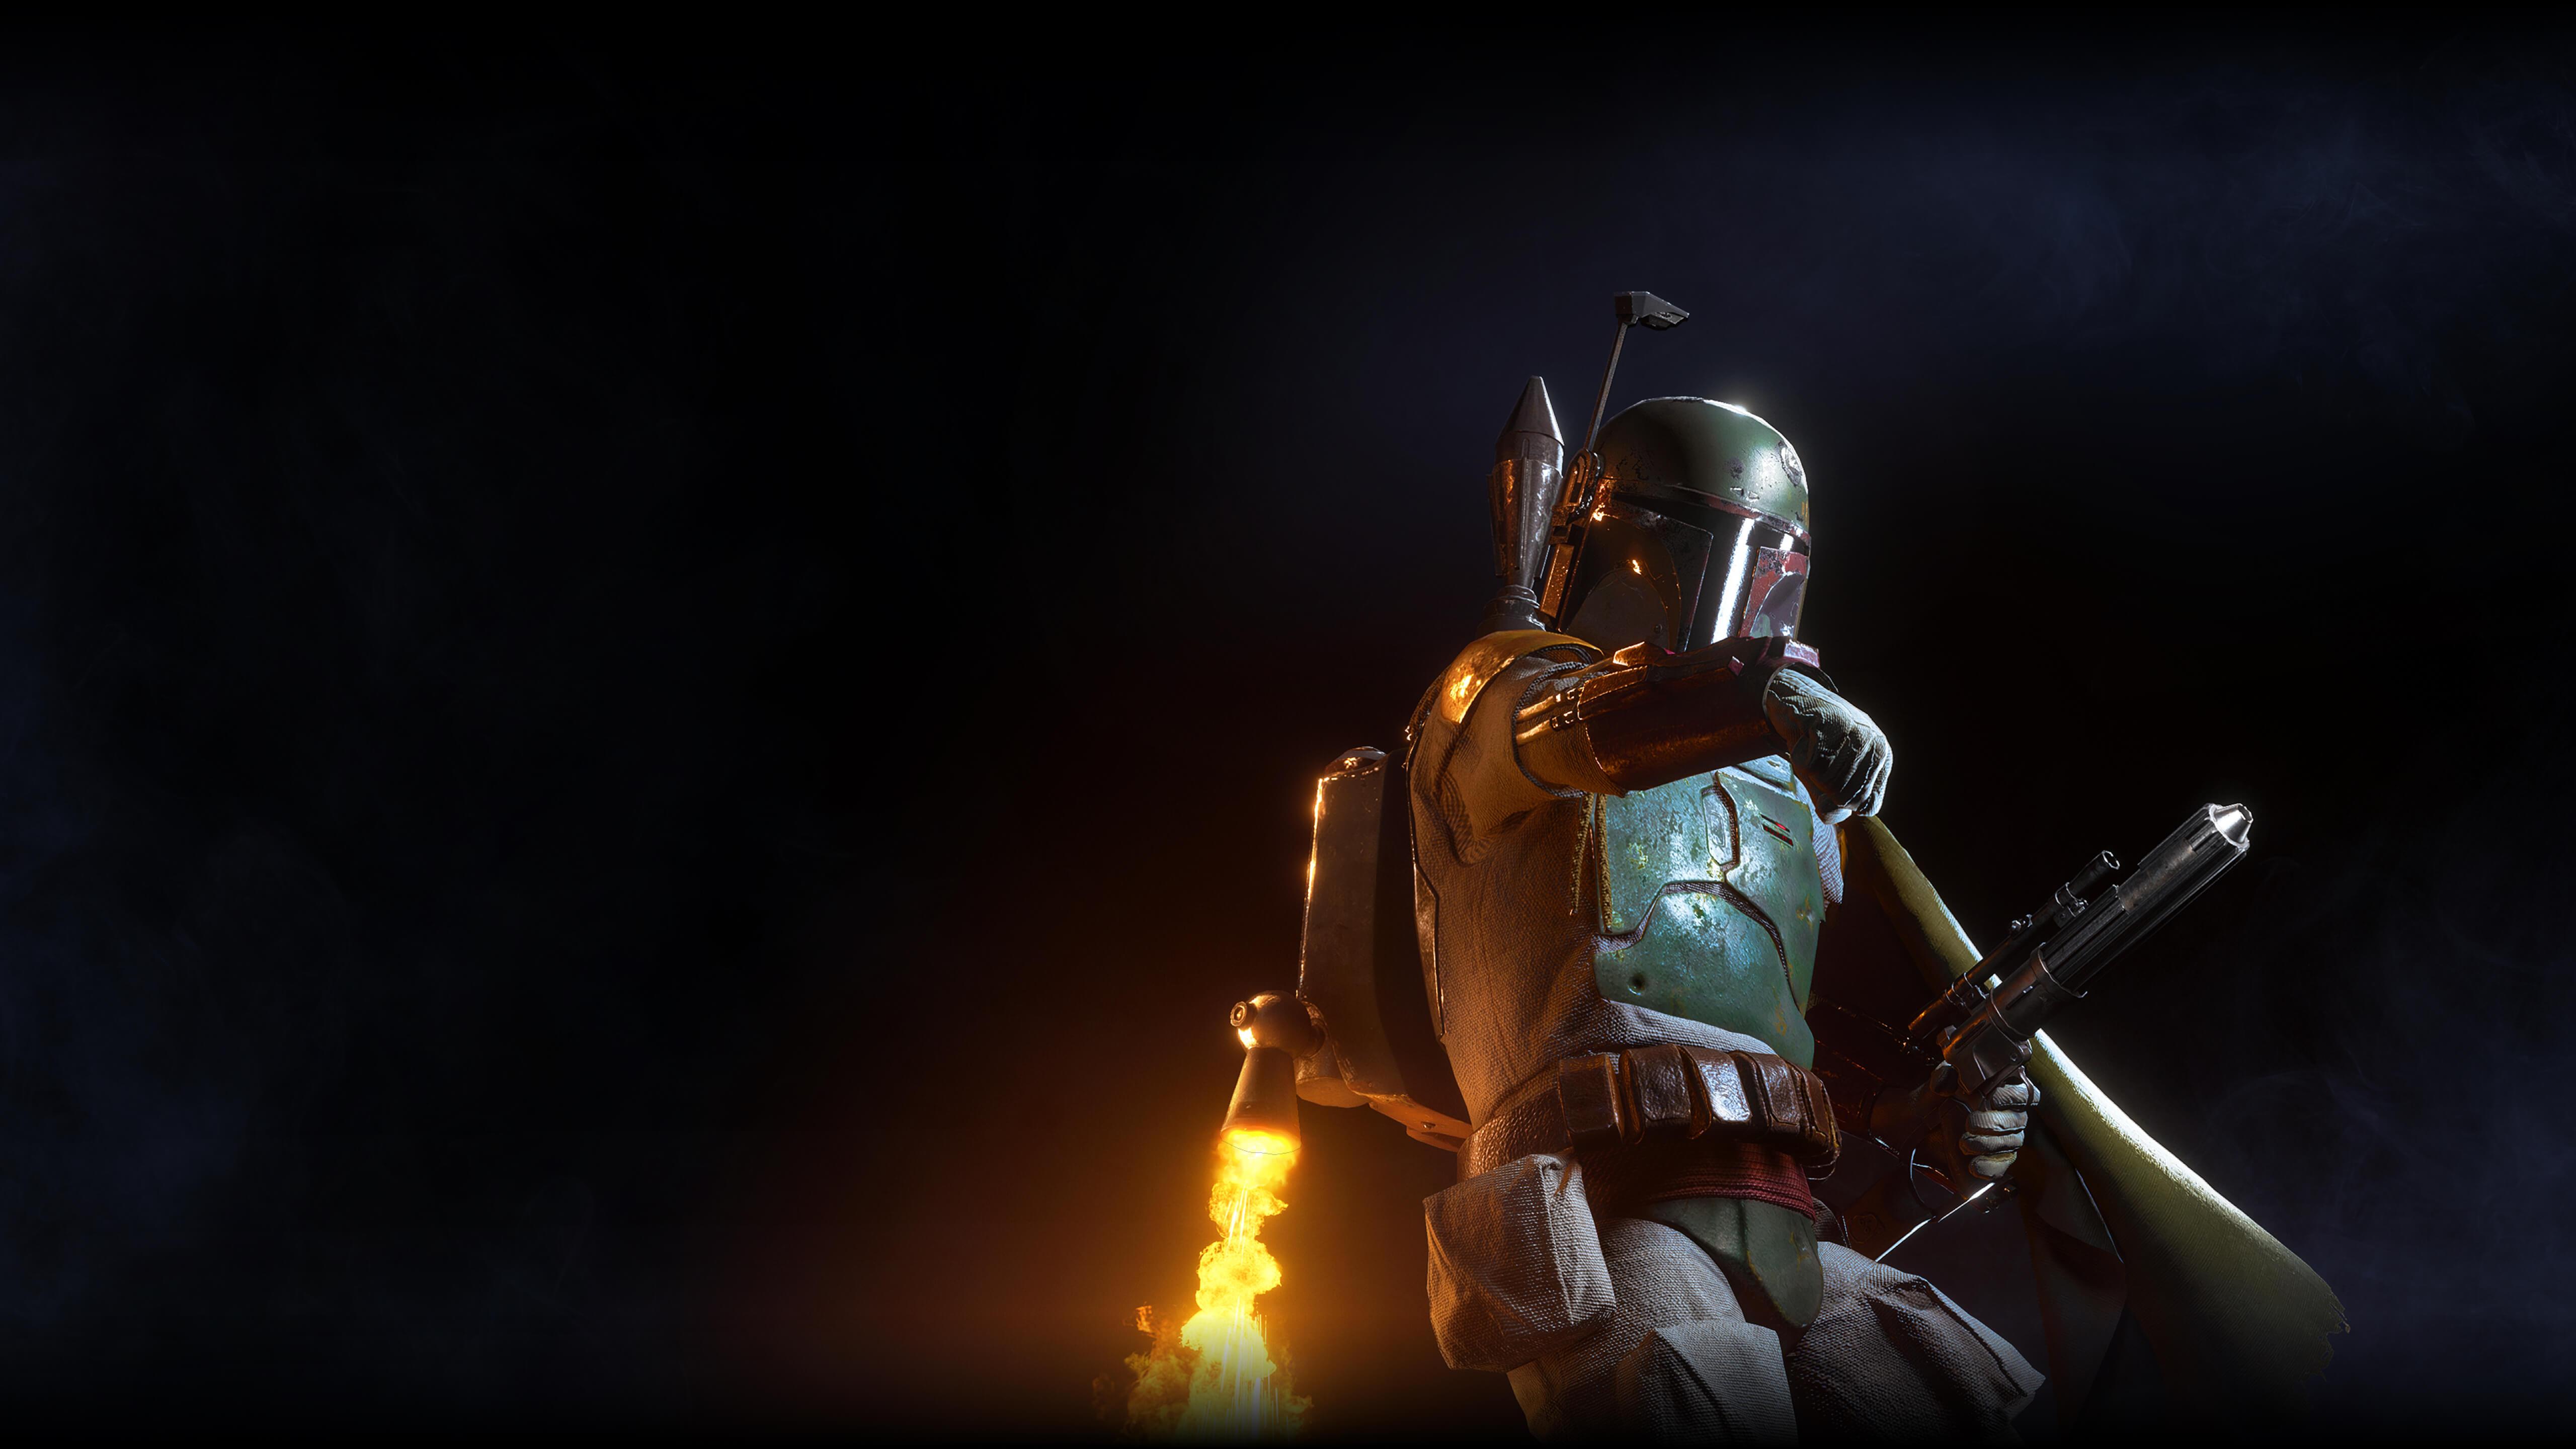 Боба Фетт звездные войны Battlefront II обои скачать